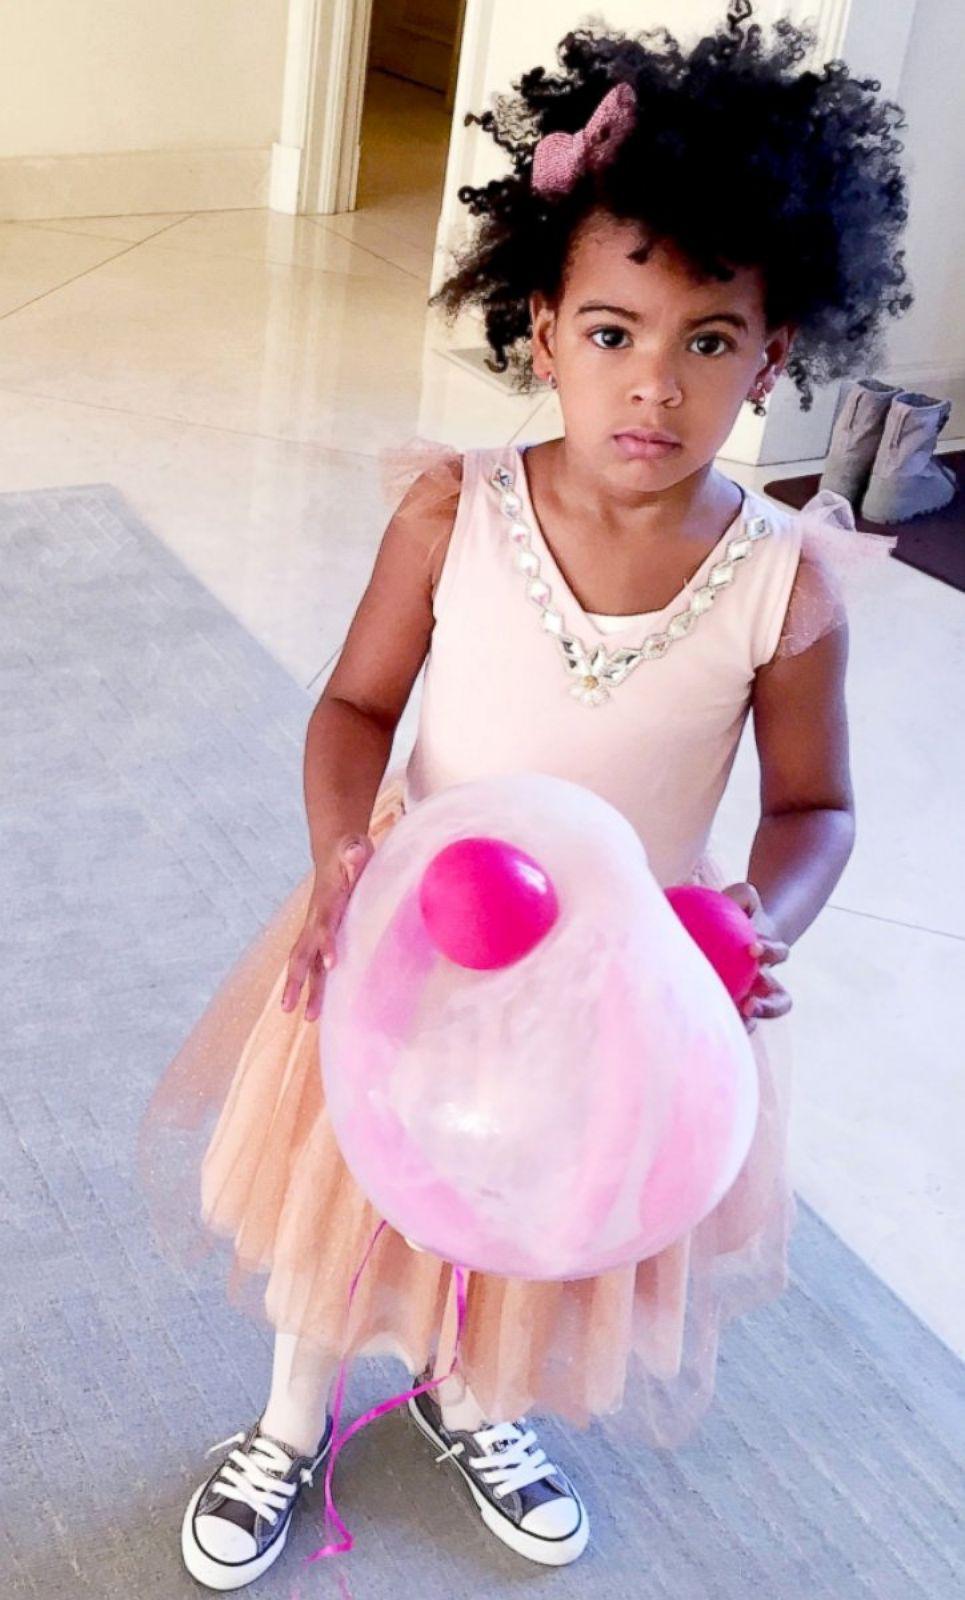 Beyonce Rocks a Tiny White Bikini Picture | Beyonce through the ...